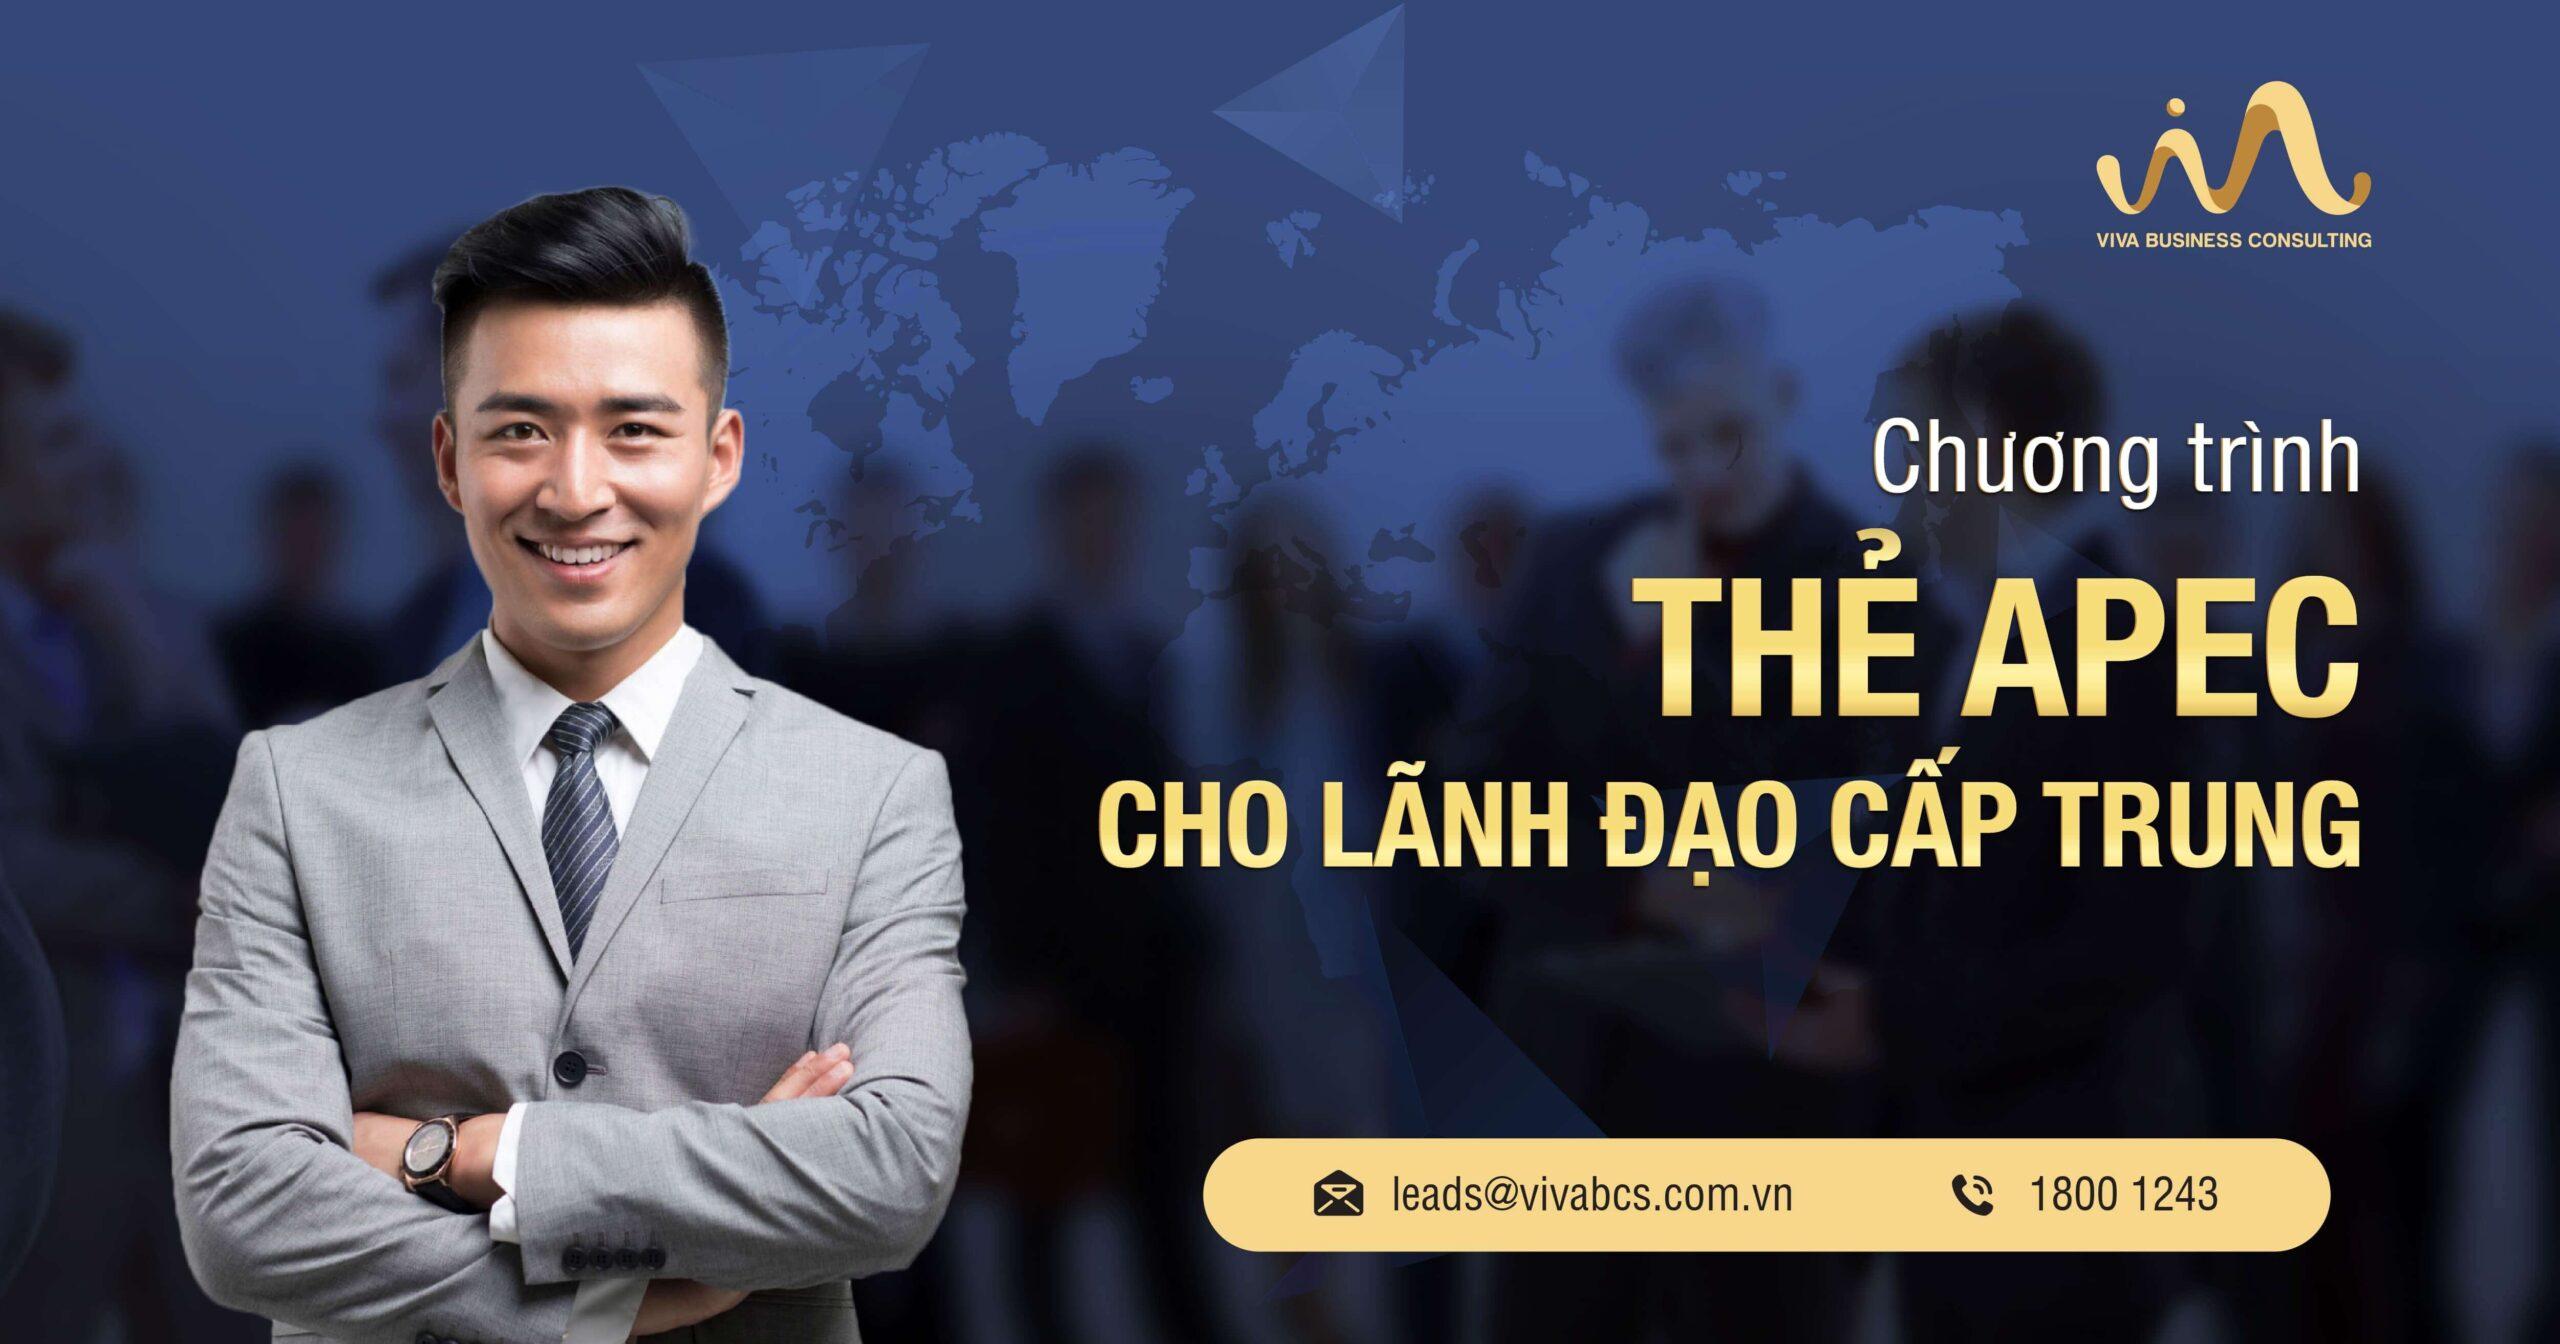 Thẻ doanh nhân APEC cho lãnh đạo cấp trung